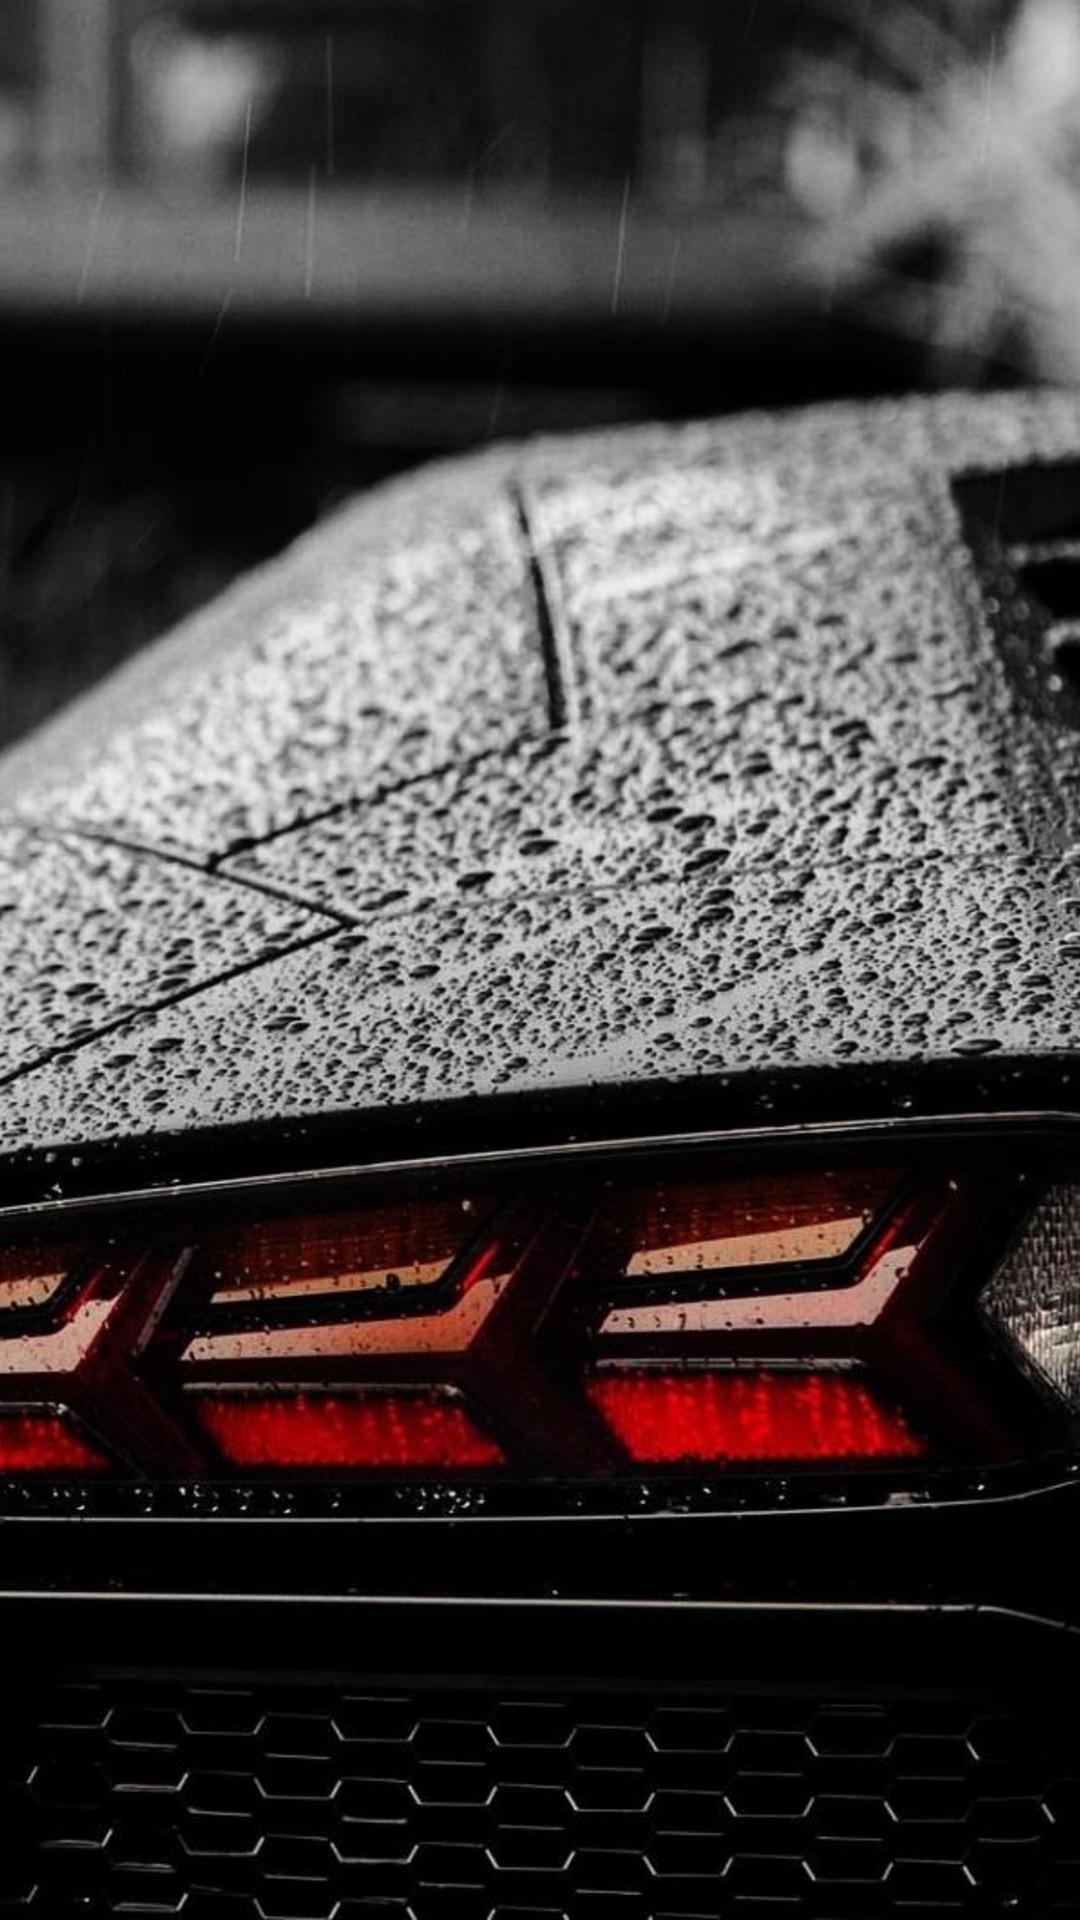 Lamborghini Tail Light Wallpaper 1080x1920